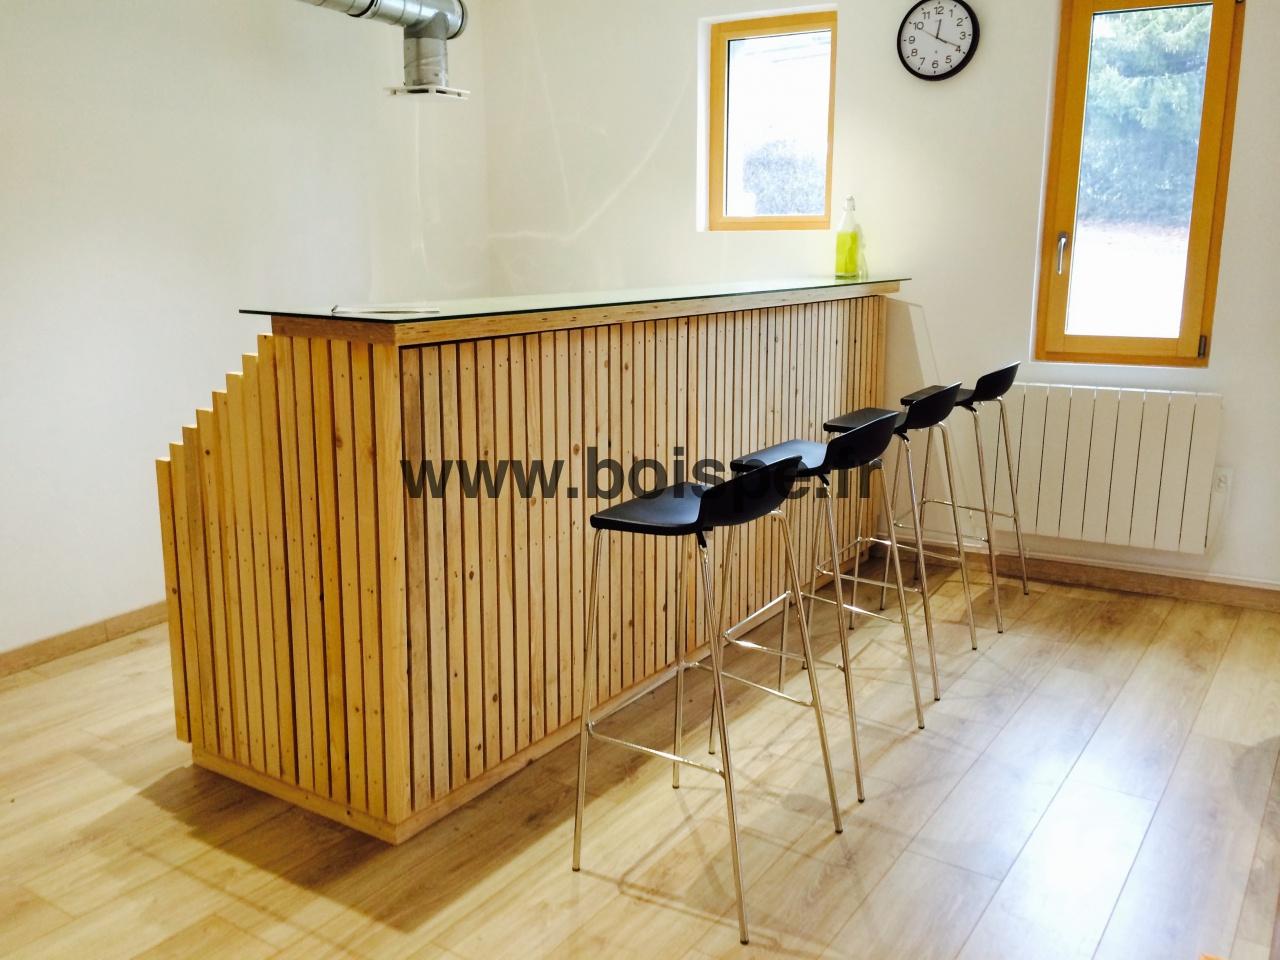 Diaporama fabriquer un bar tr s design partir d 39 l ments d 39 ossature - Customiser un bar en bois ...